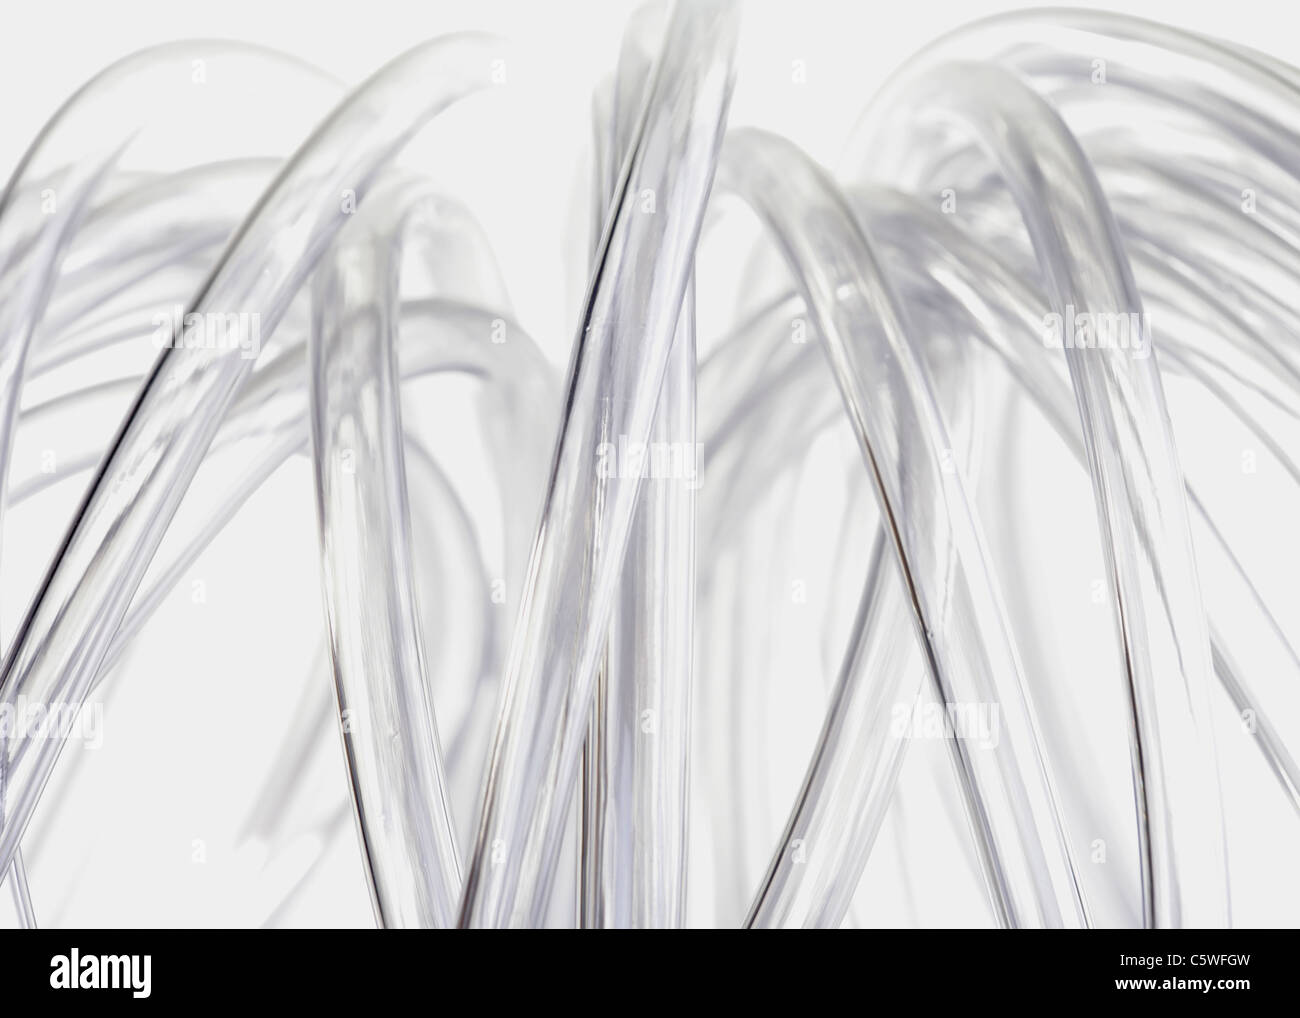 Tubos de plástico contra el fondo blanco. Imagen De Stock